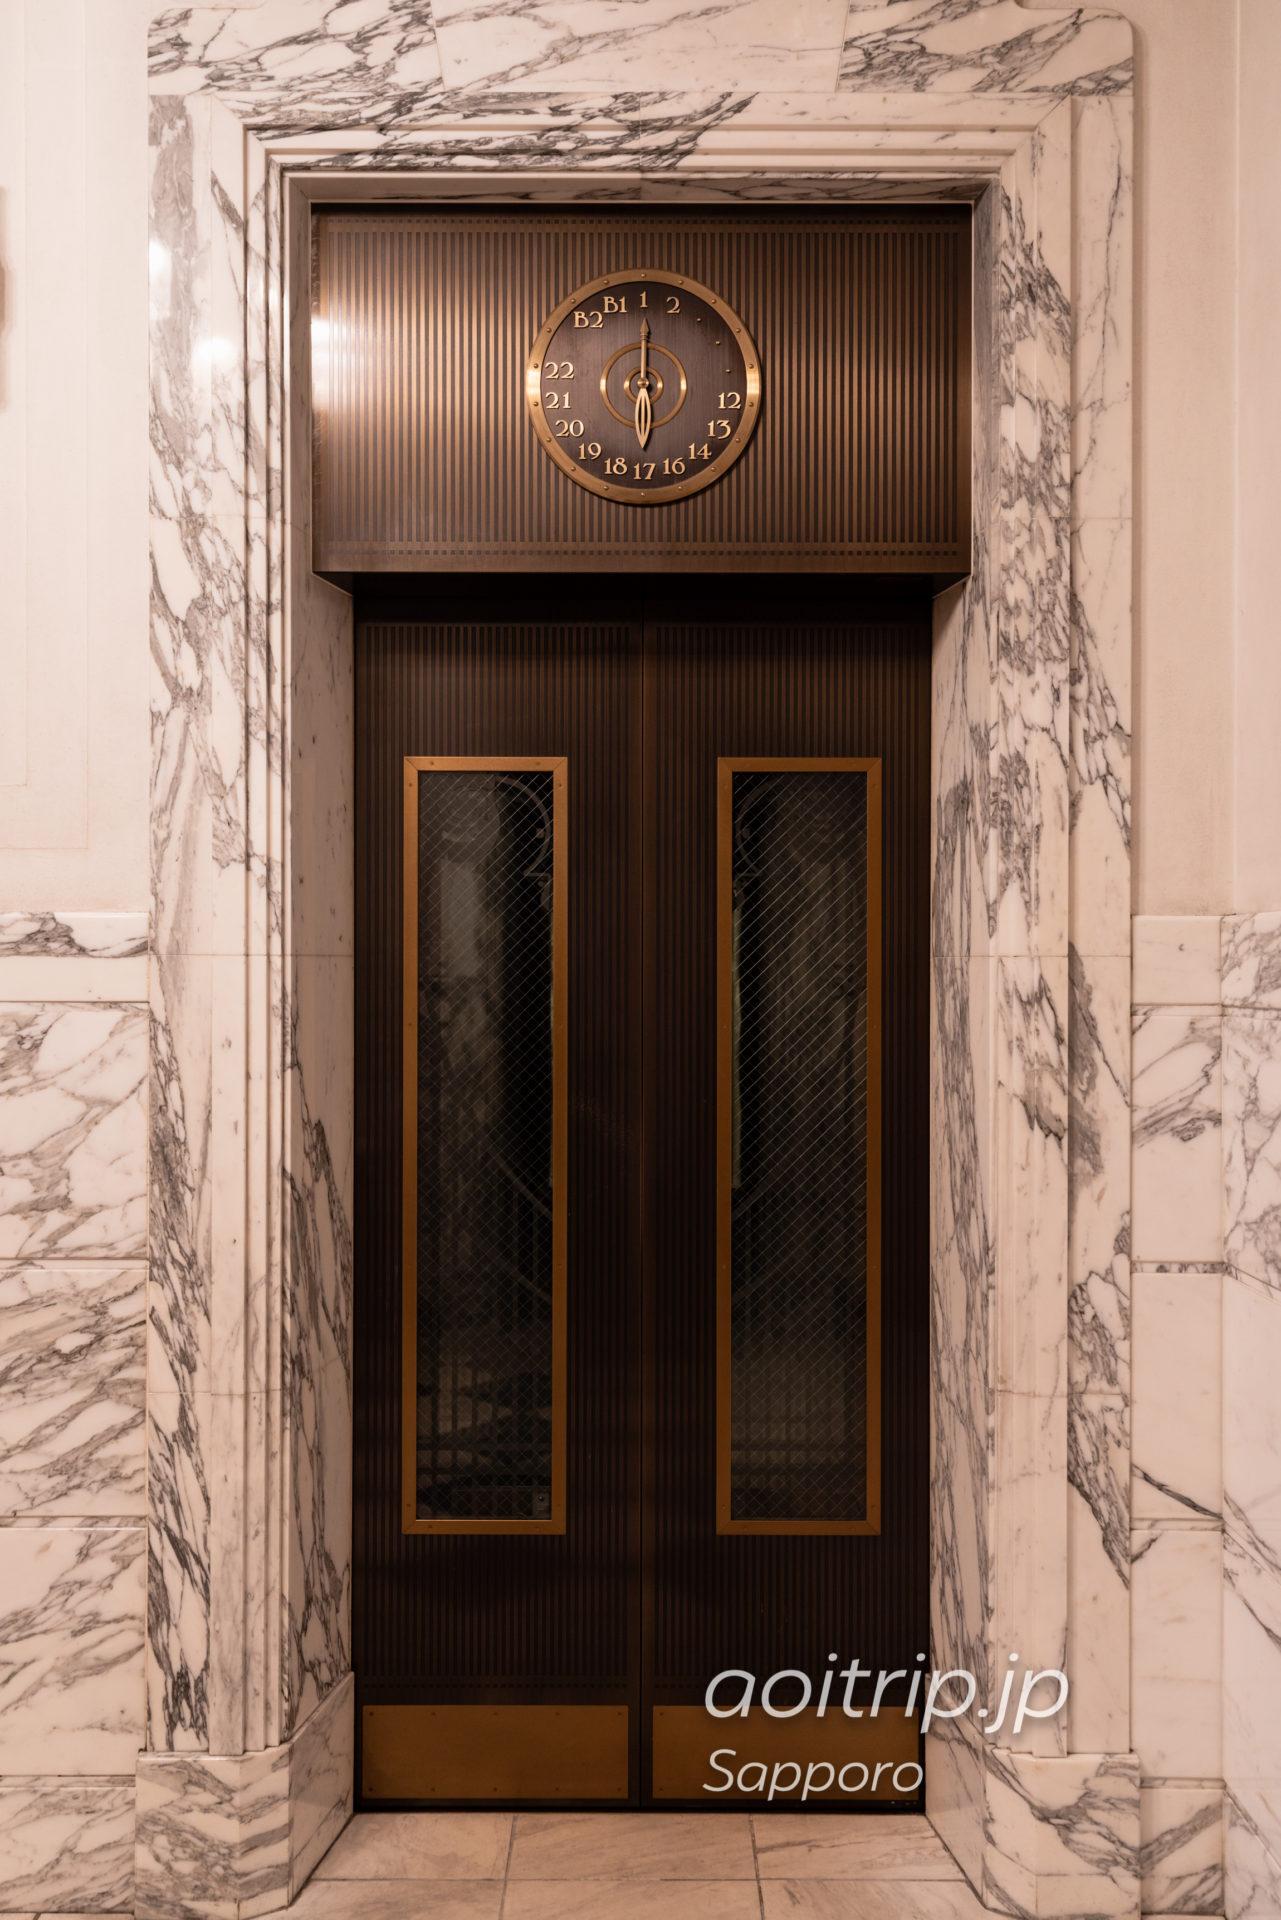 ホテル モントレ エーデルホフ札幌のエレベーター